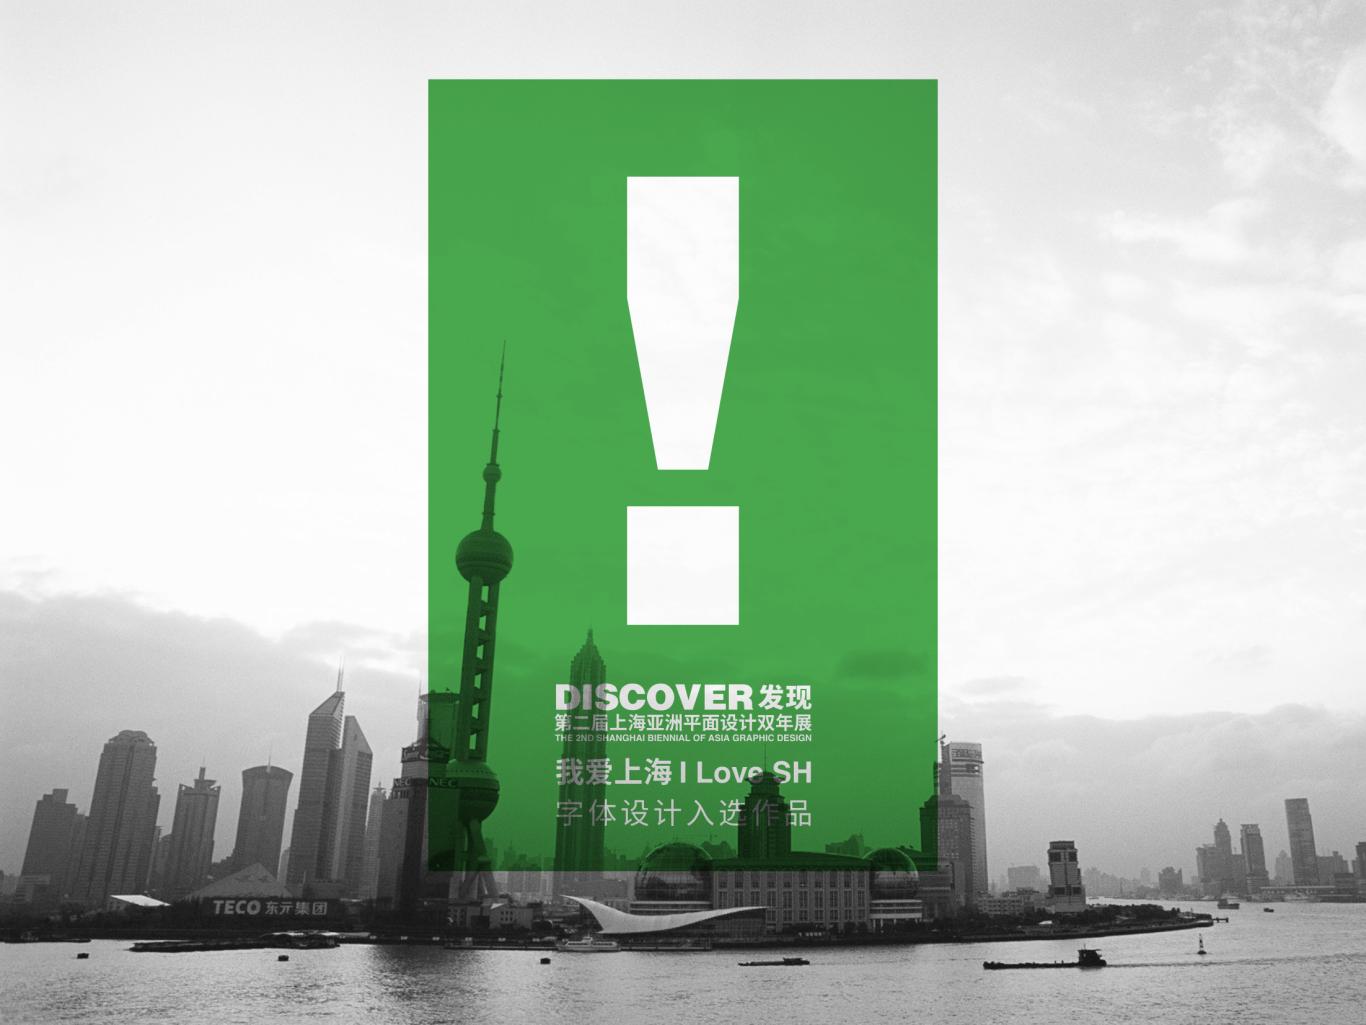 第二届上海亚洲平面设计双年展——我爱上海 I Love SH字体设计入选作品图0